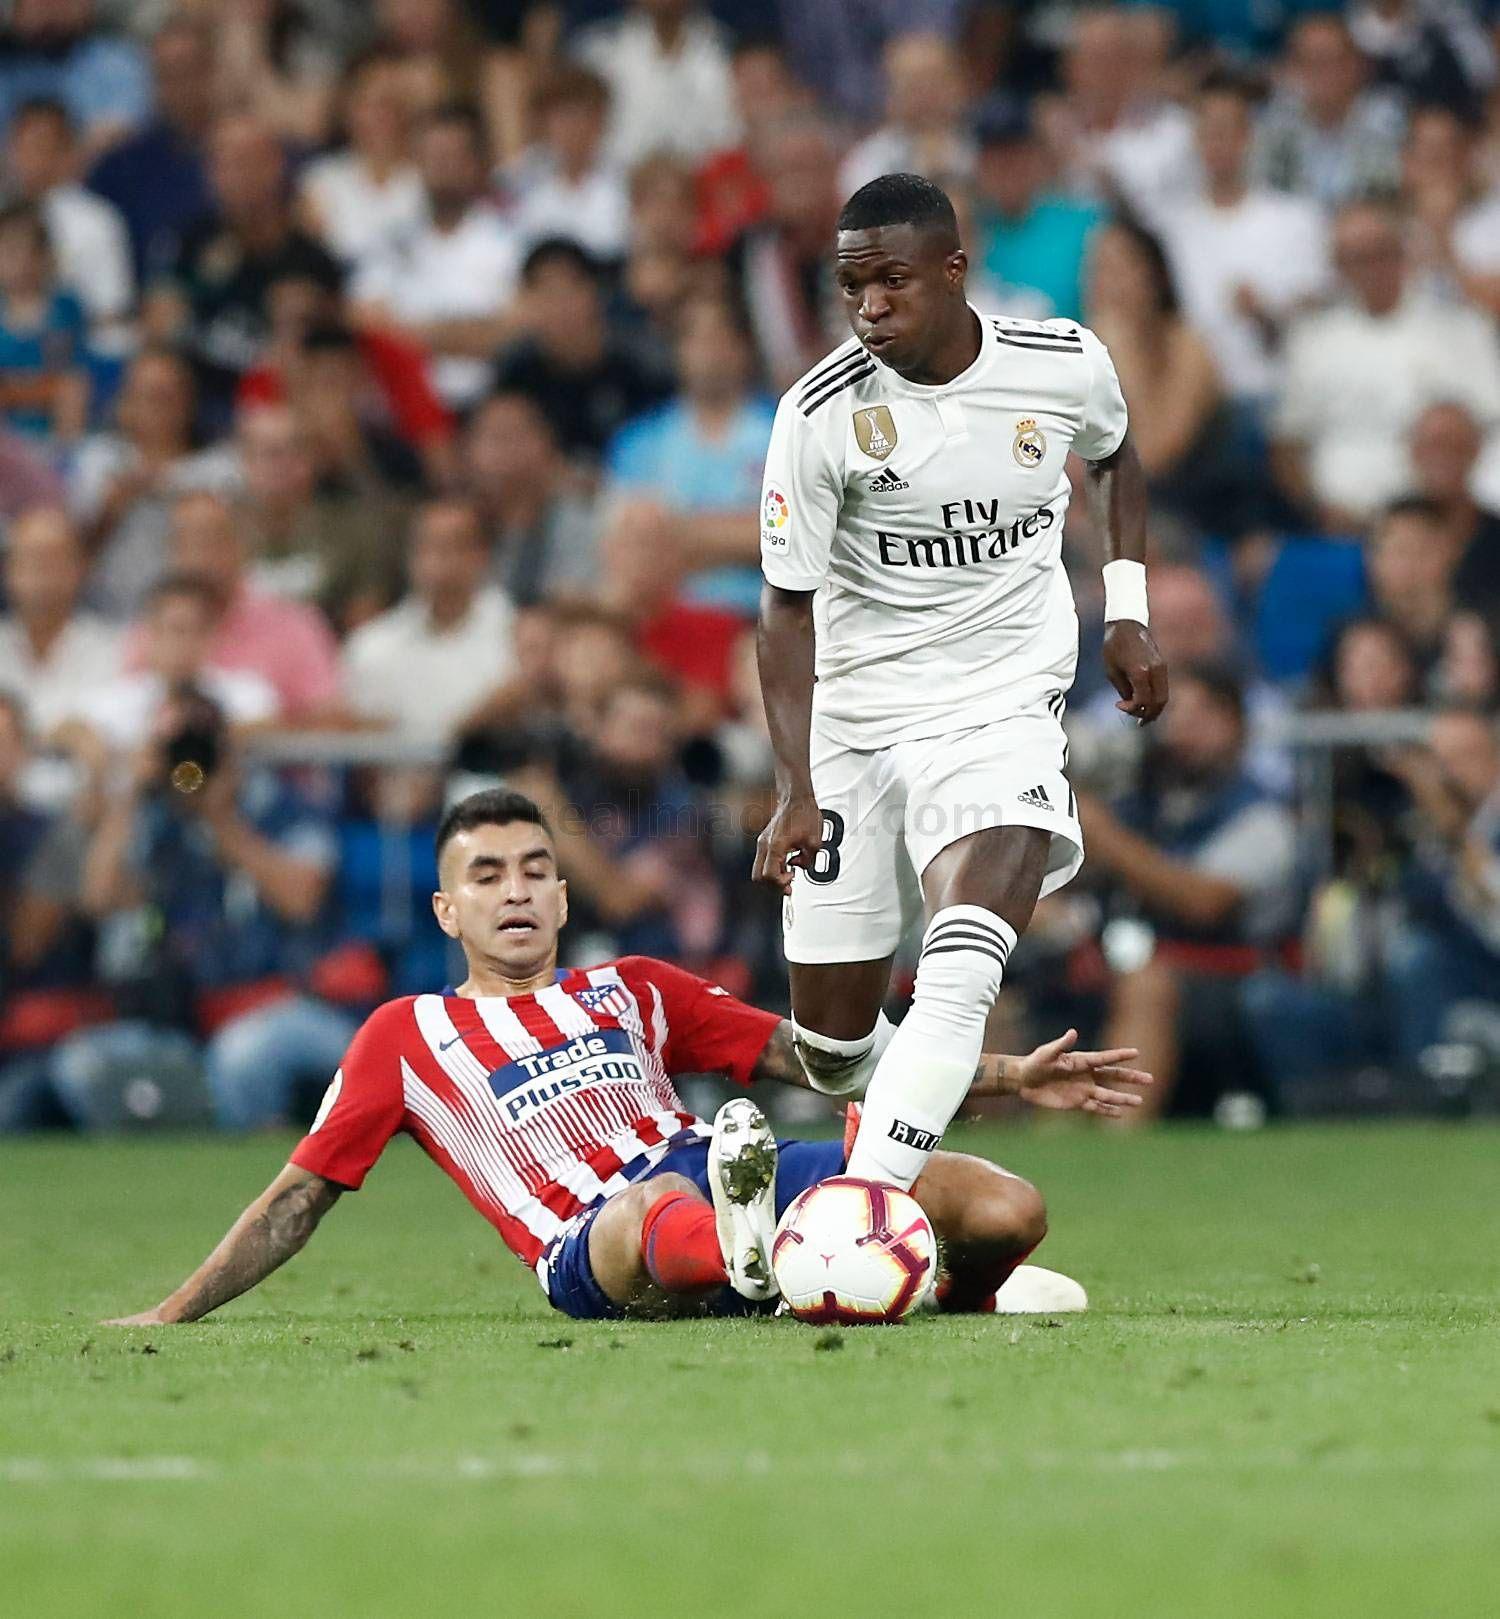 Real Madrid Atlético Madrid Real madrid club, Real